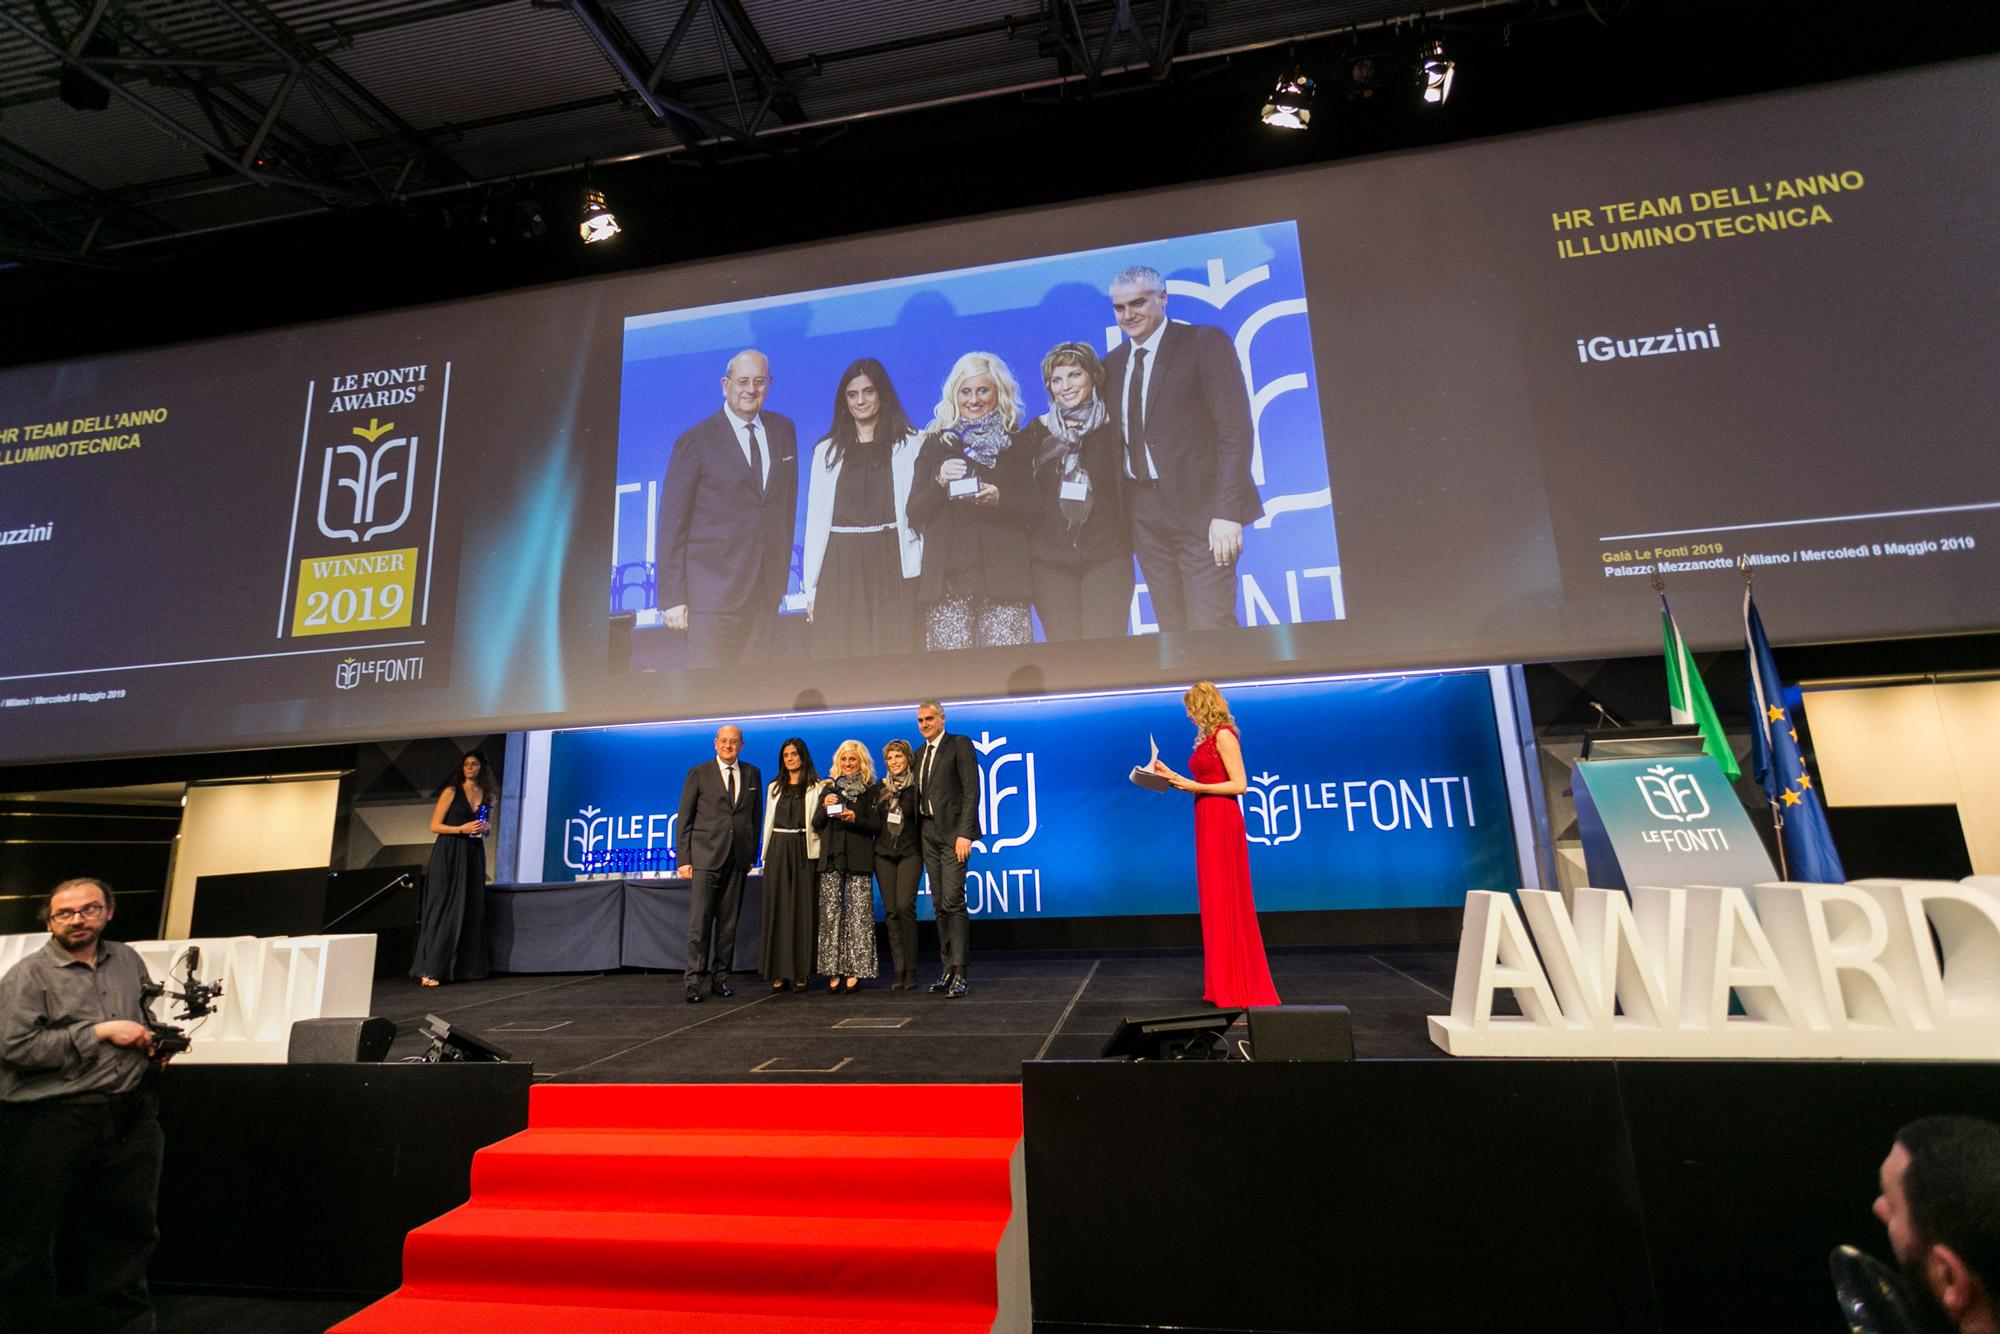 Un premio che riconosce l'efficienza del team HR